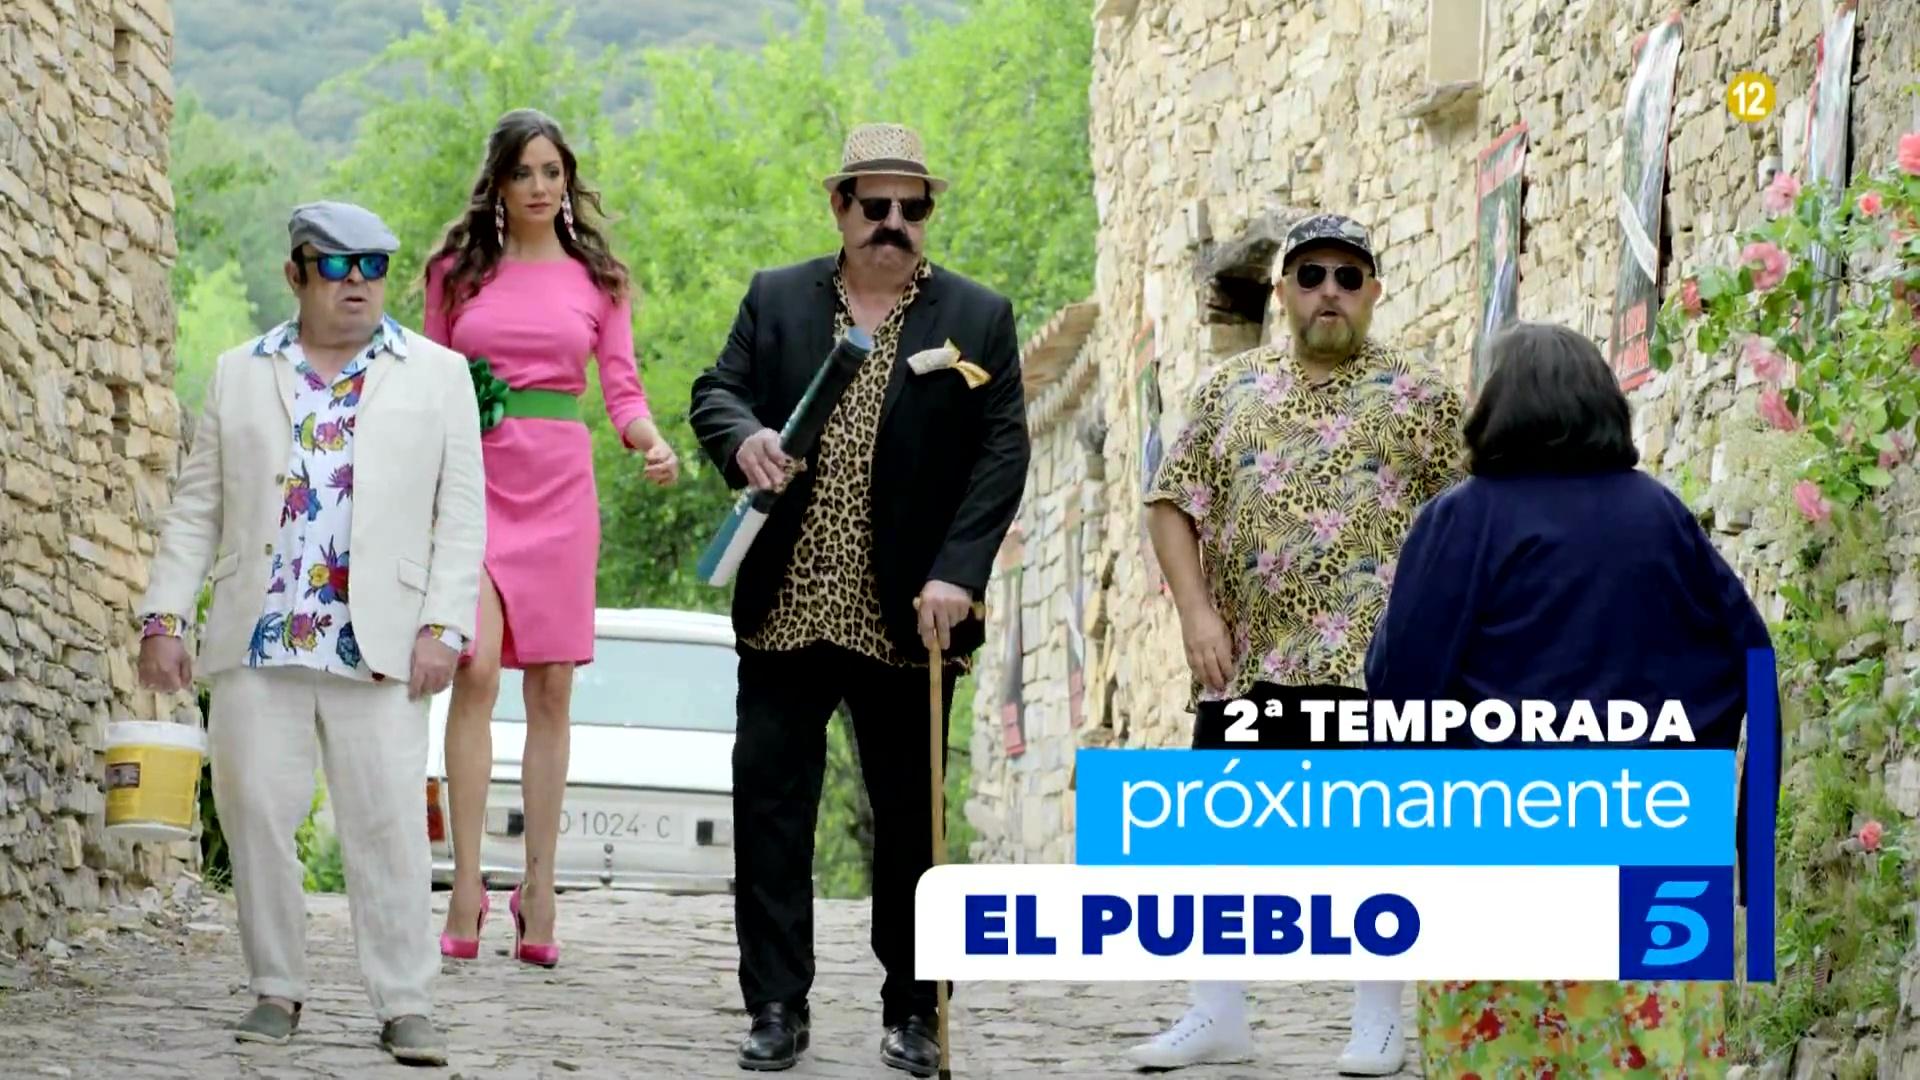 El Pueblo - Temporada 2 en TeleCinco - En 2021